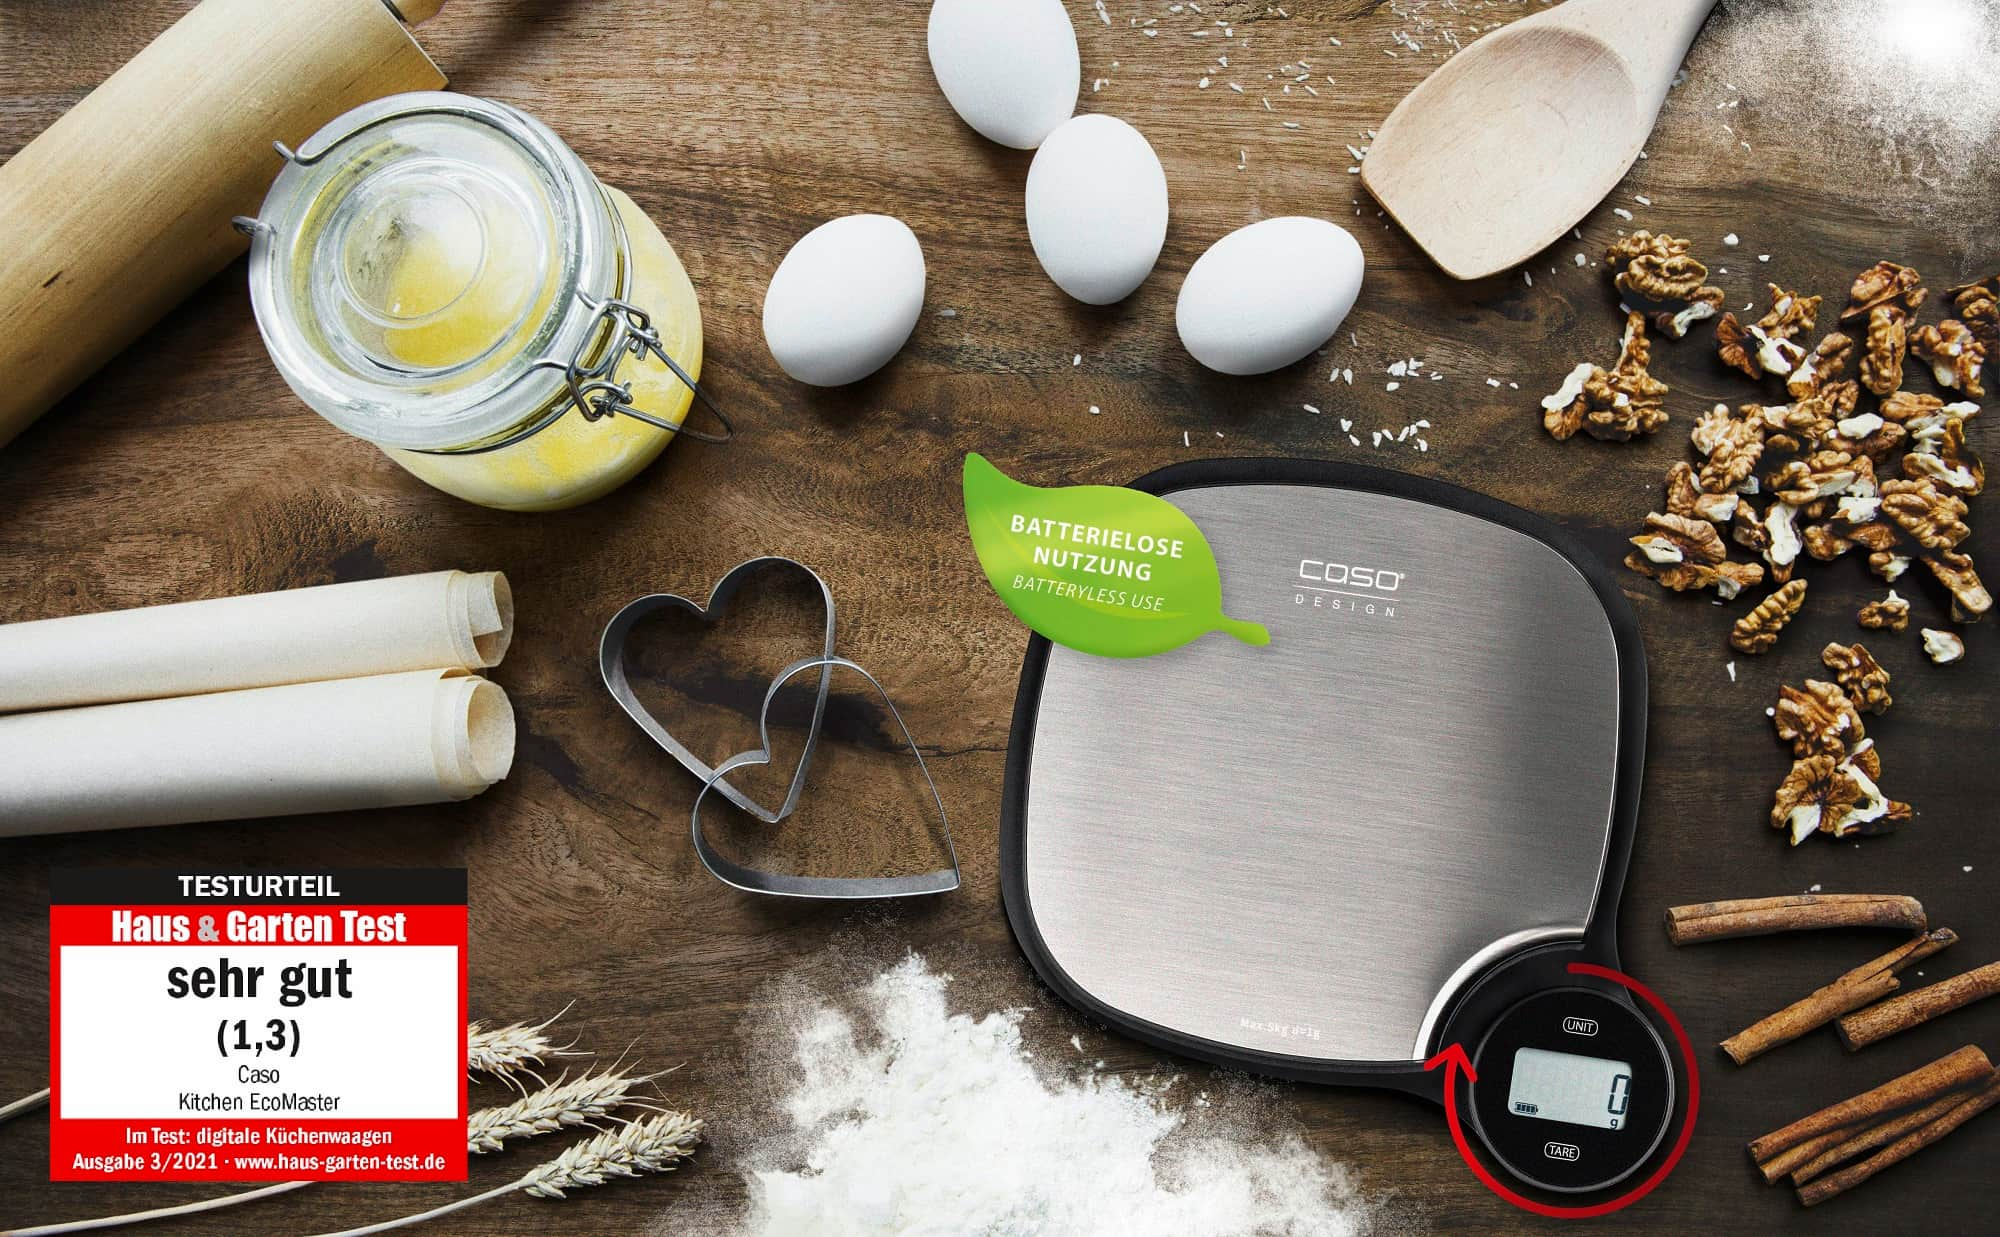 Batterielose Küchenwaagen von CASO Design